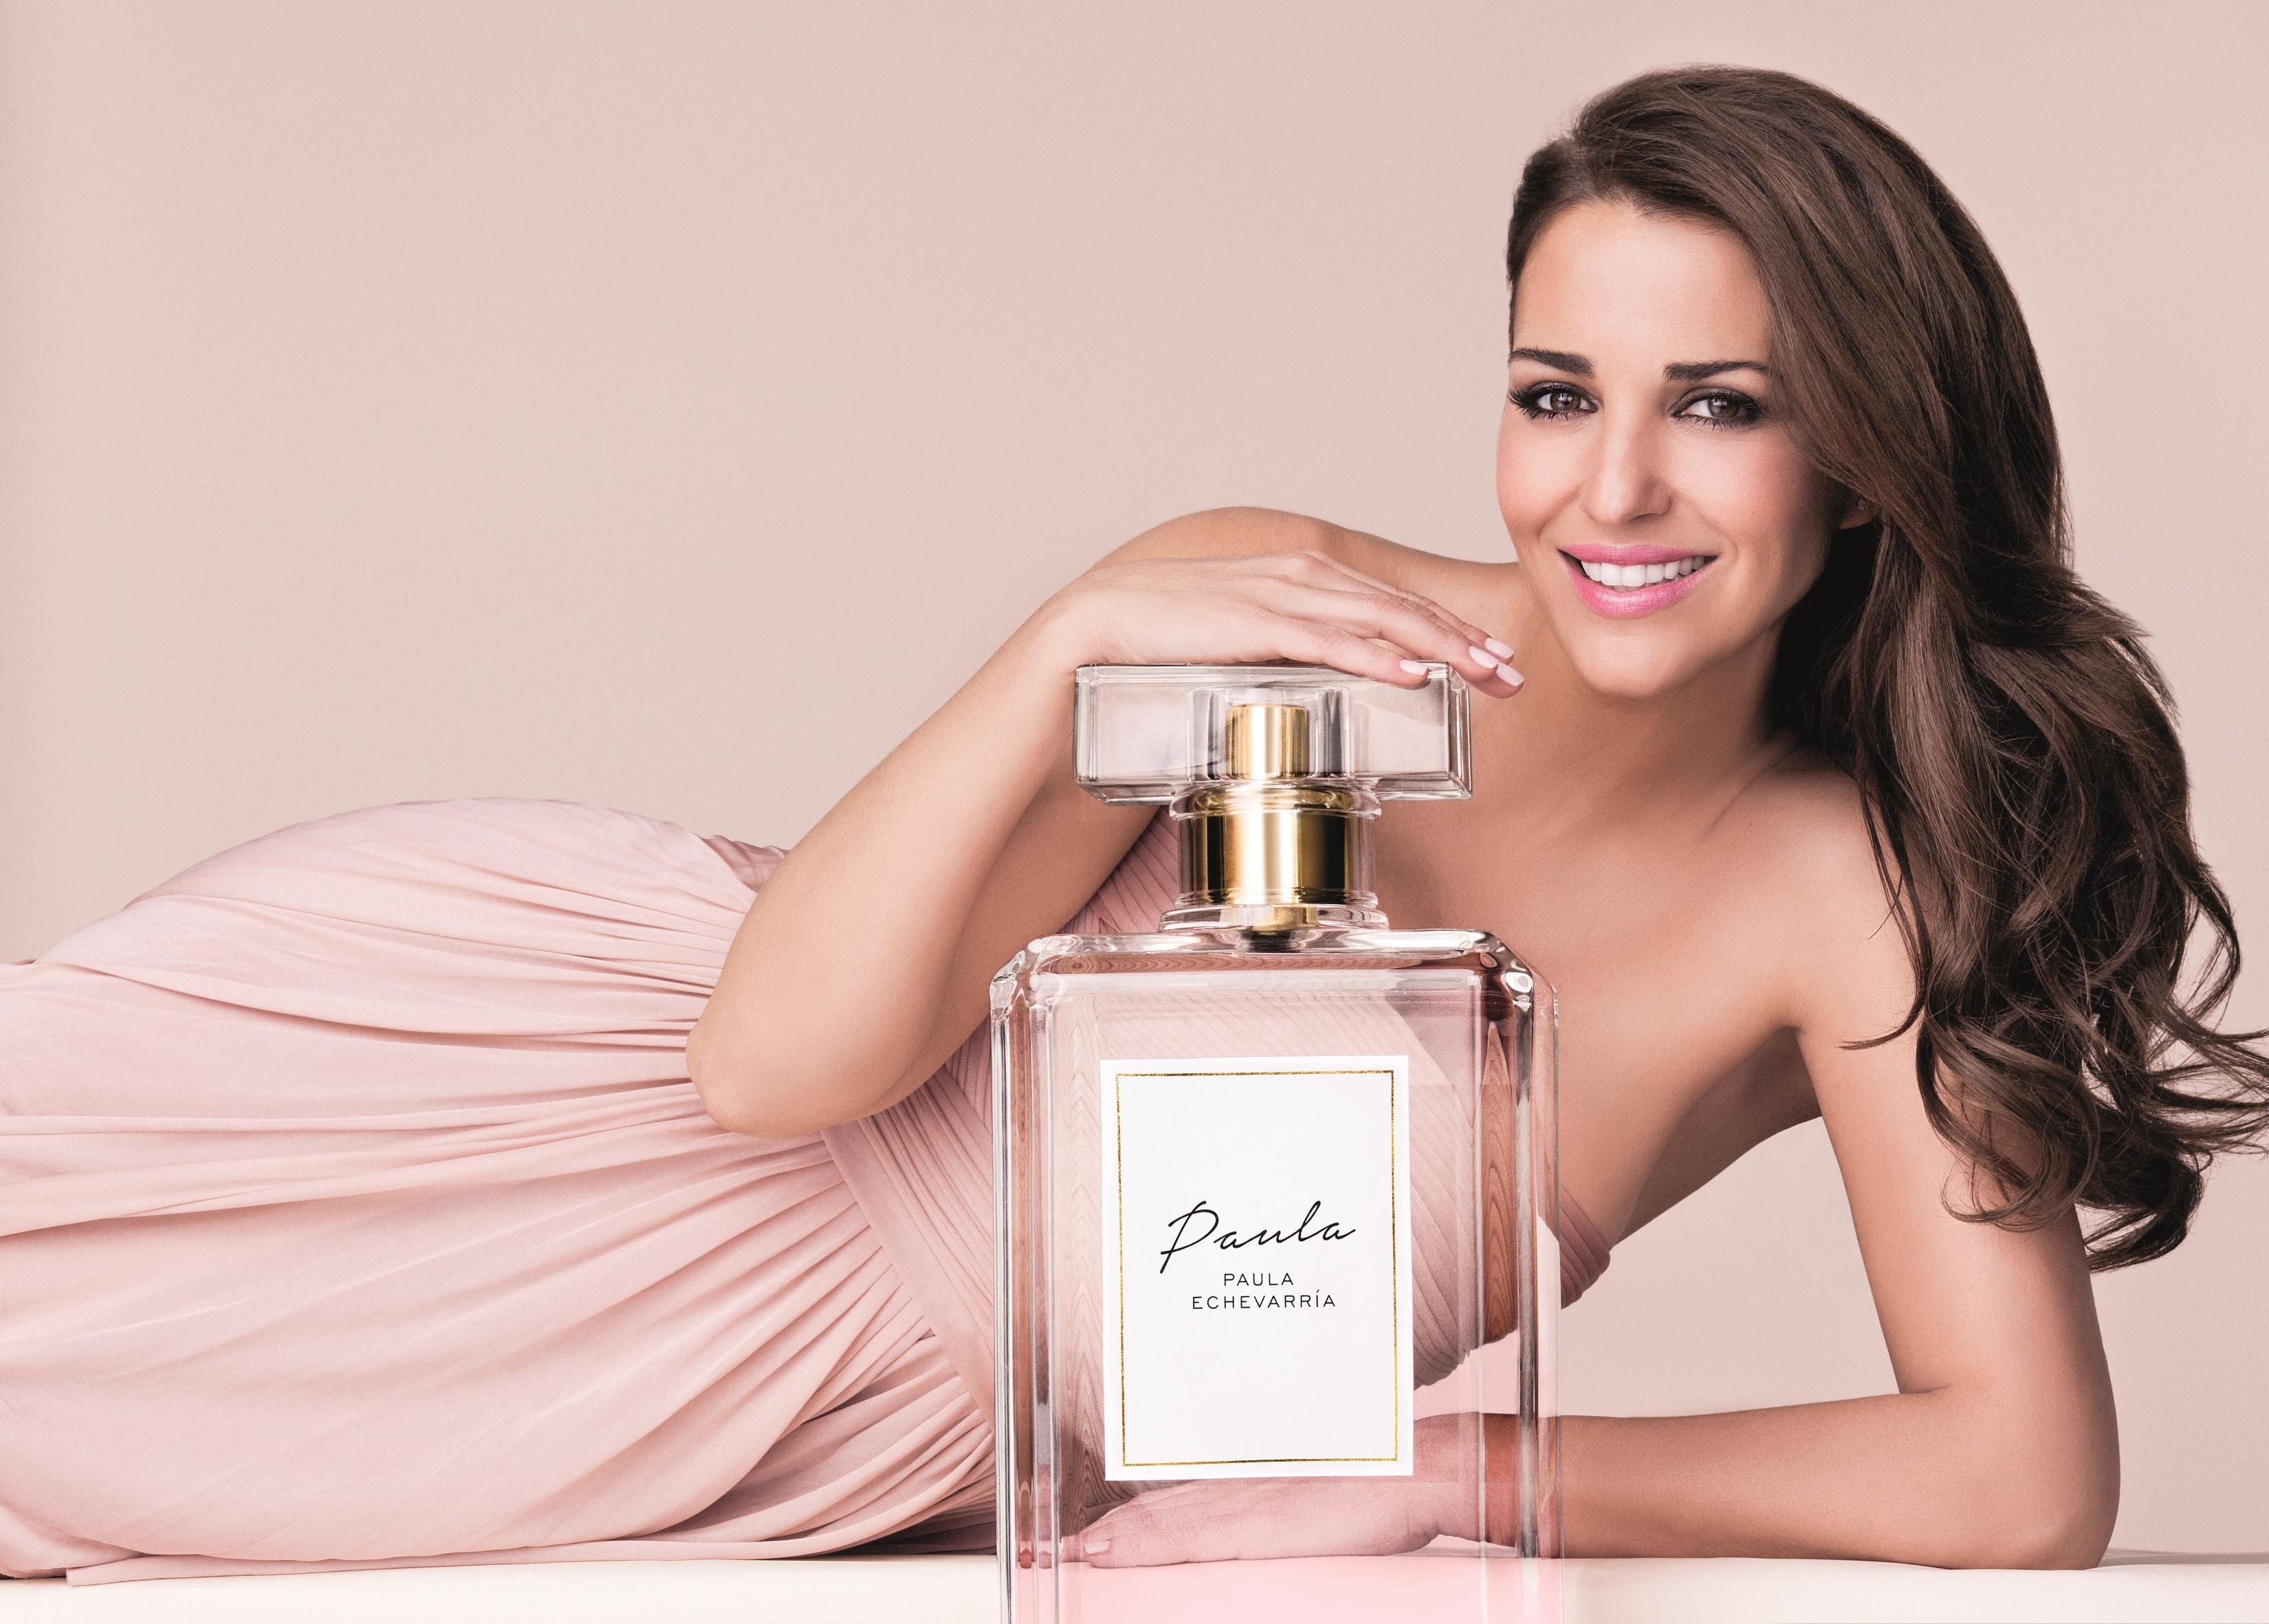 perfume paula echevarria 2016